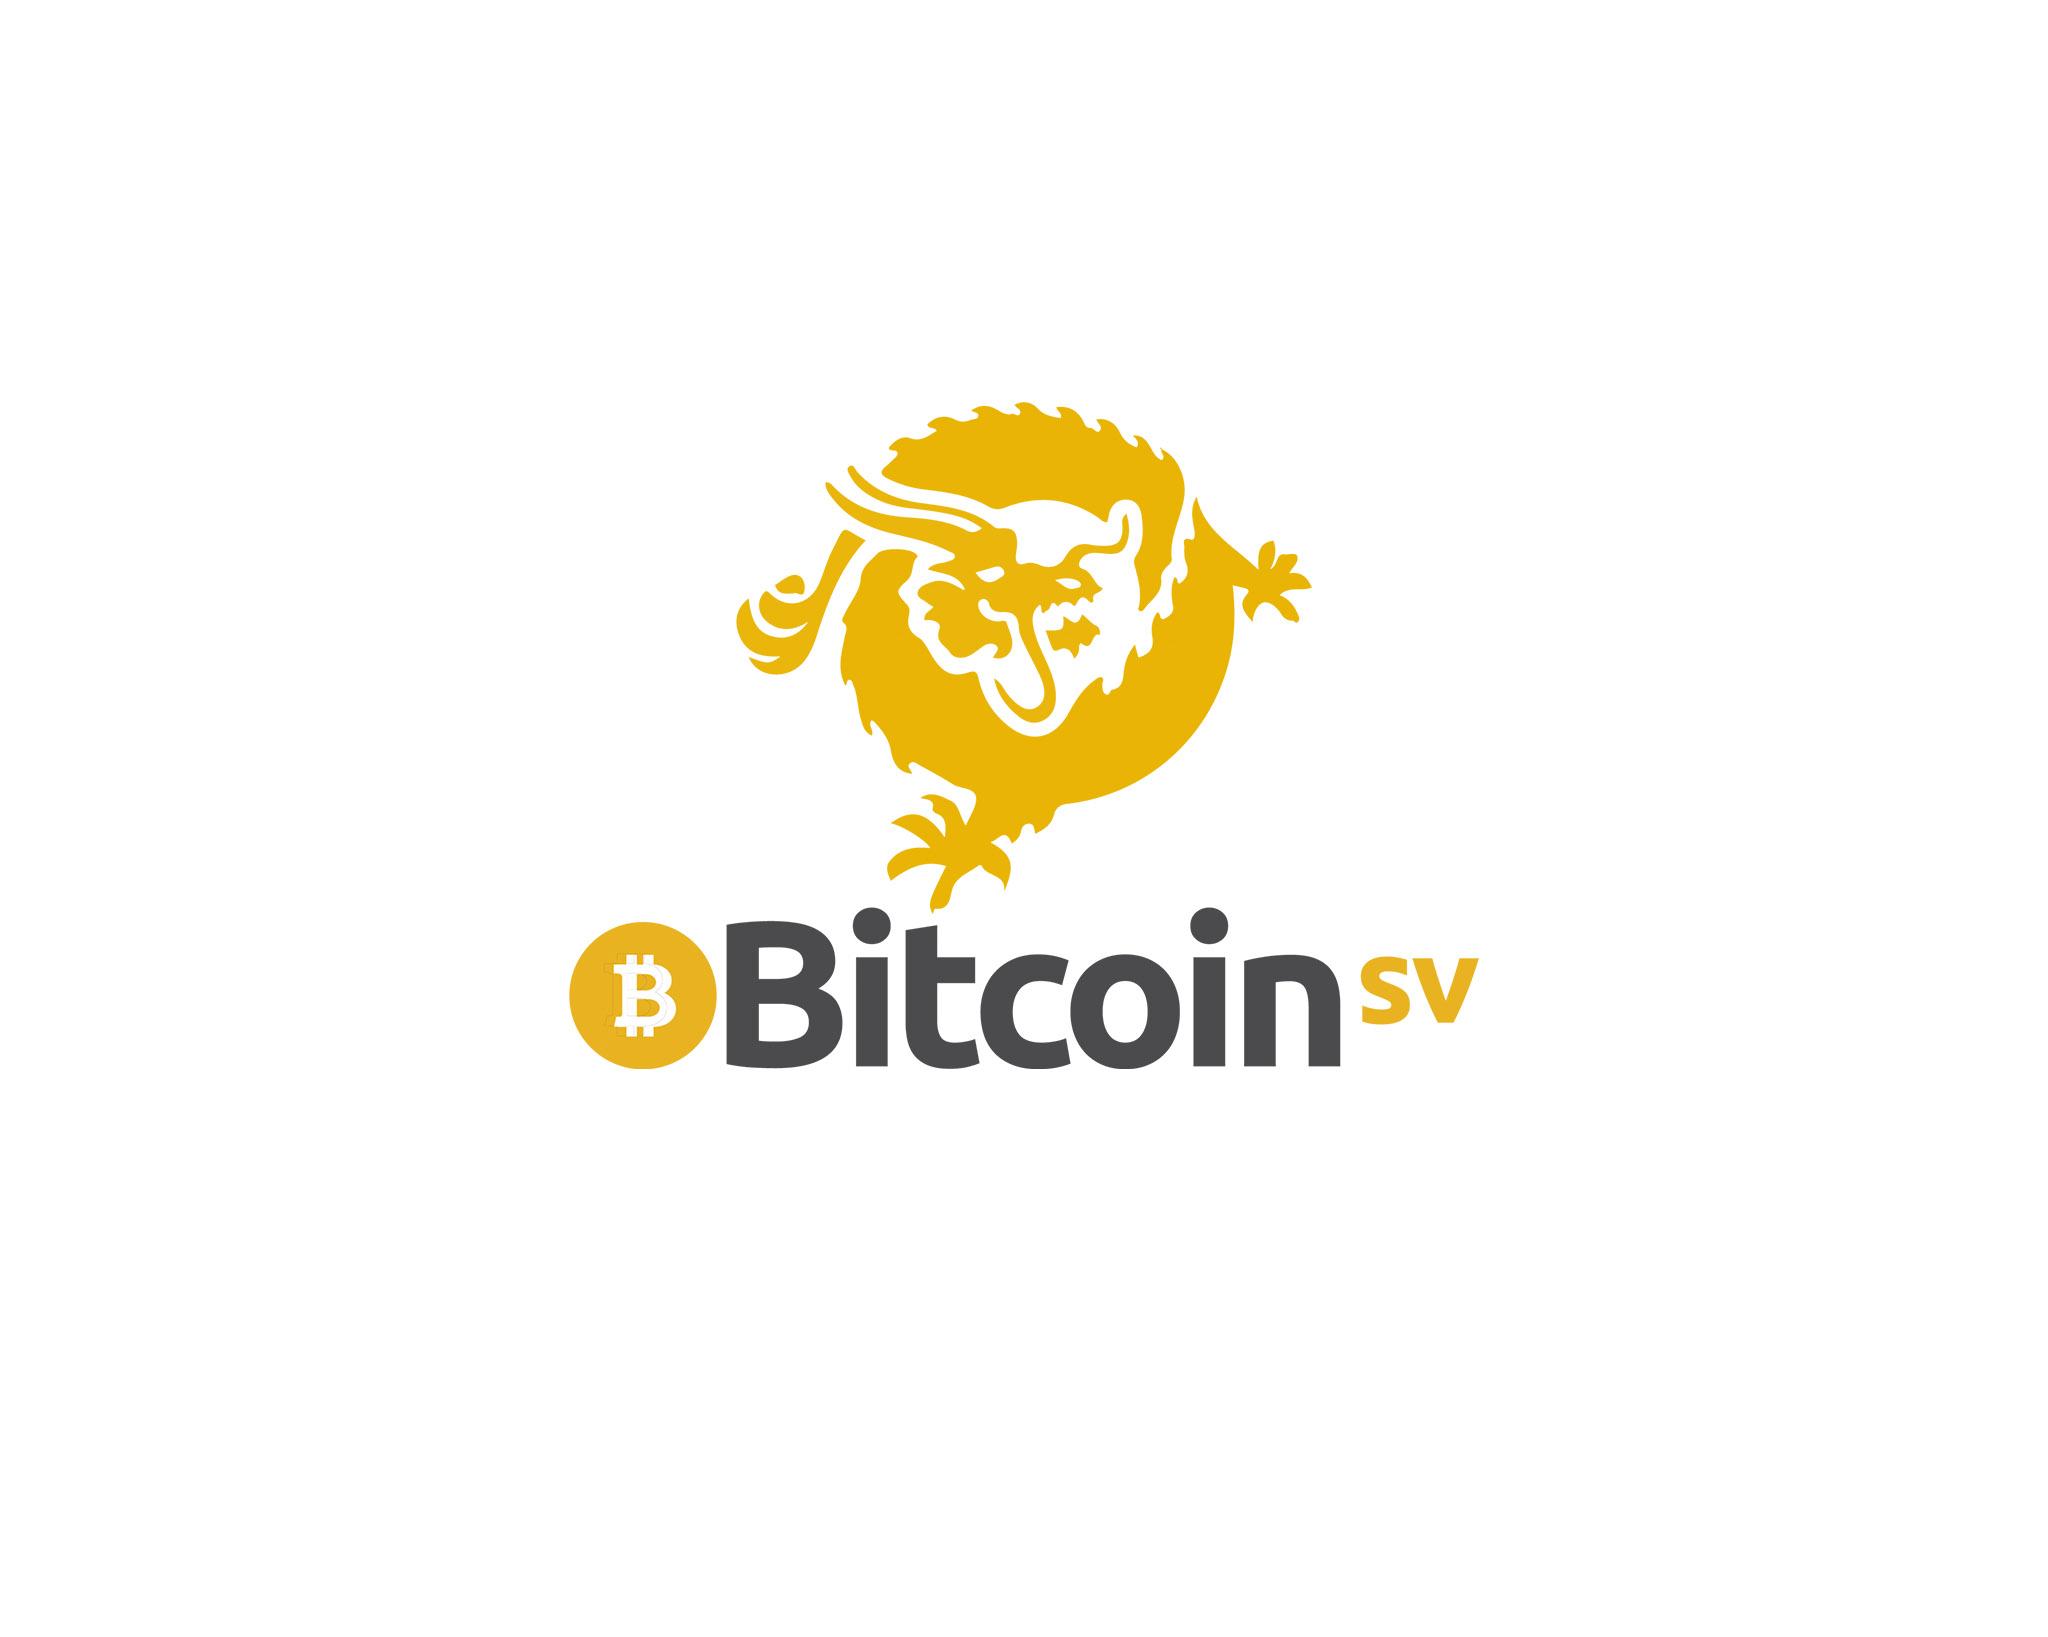 Why Bitcoin SV?